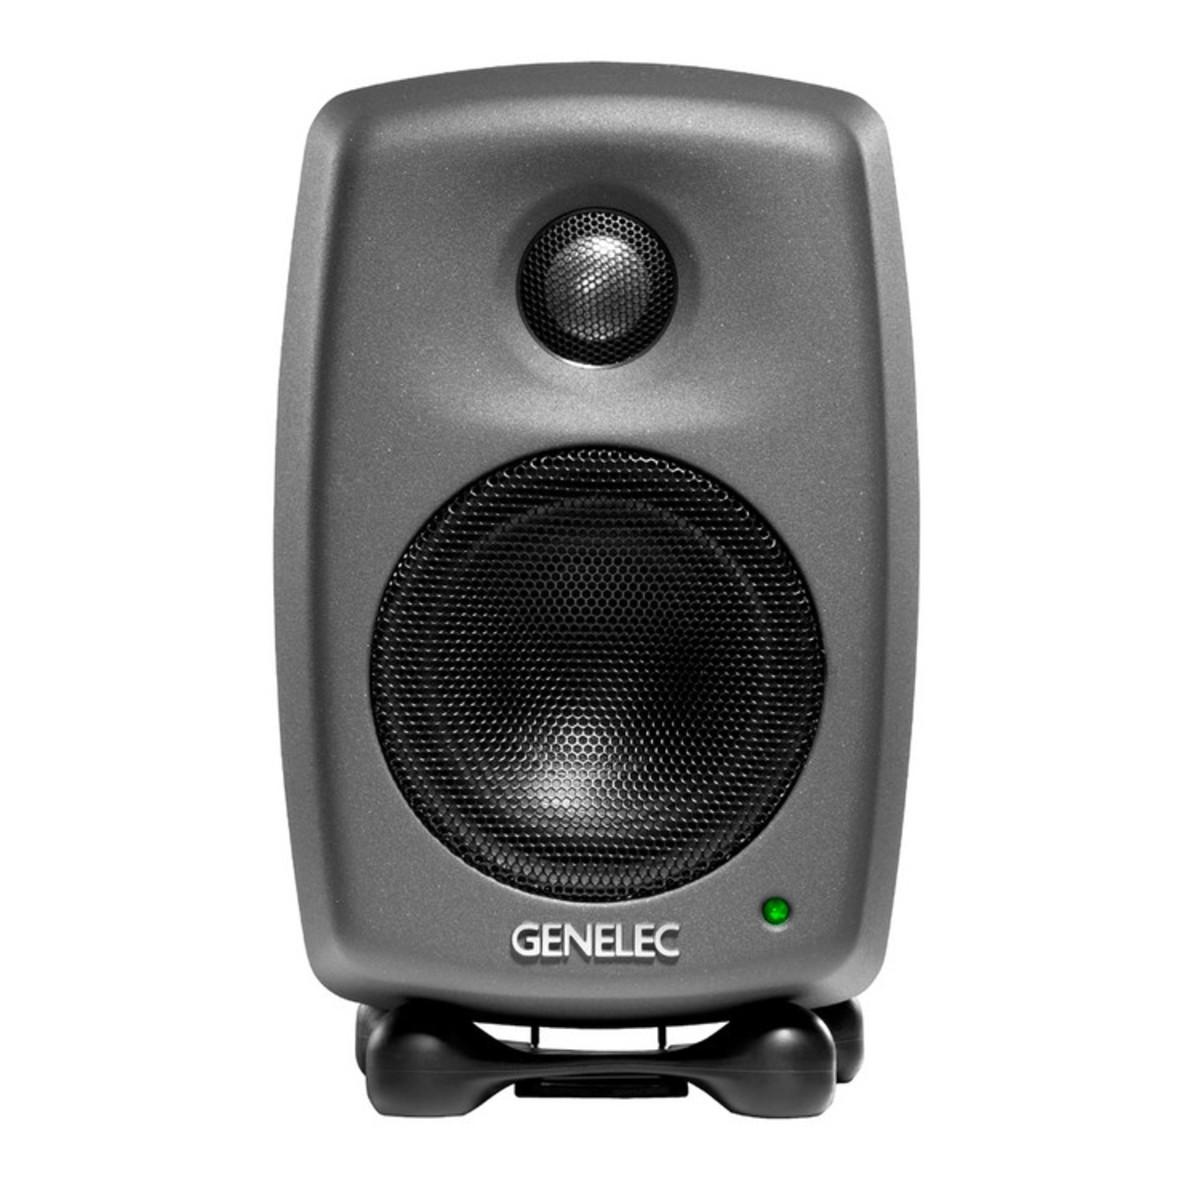 Image of Genelec 8010A Studio Monitor Dark Grey Single